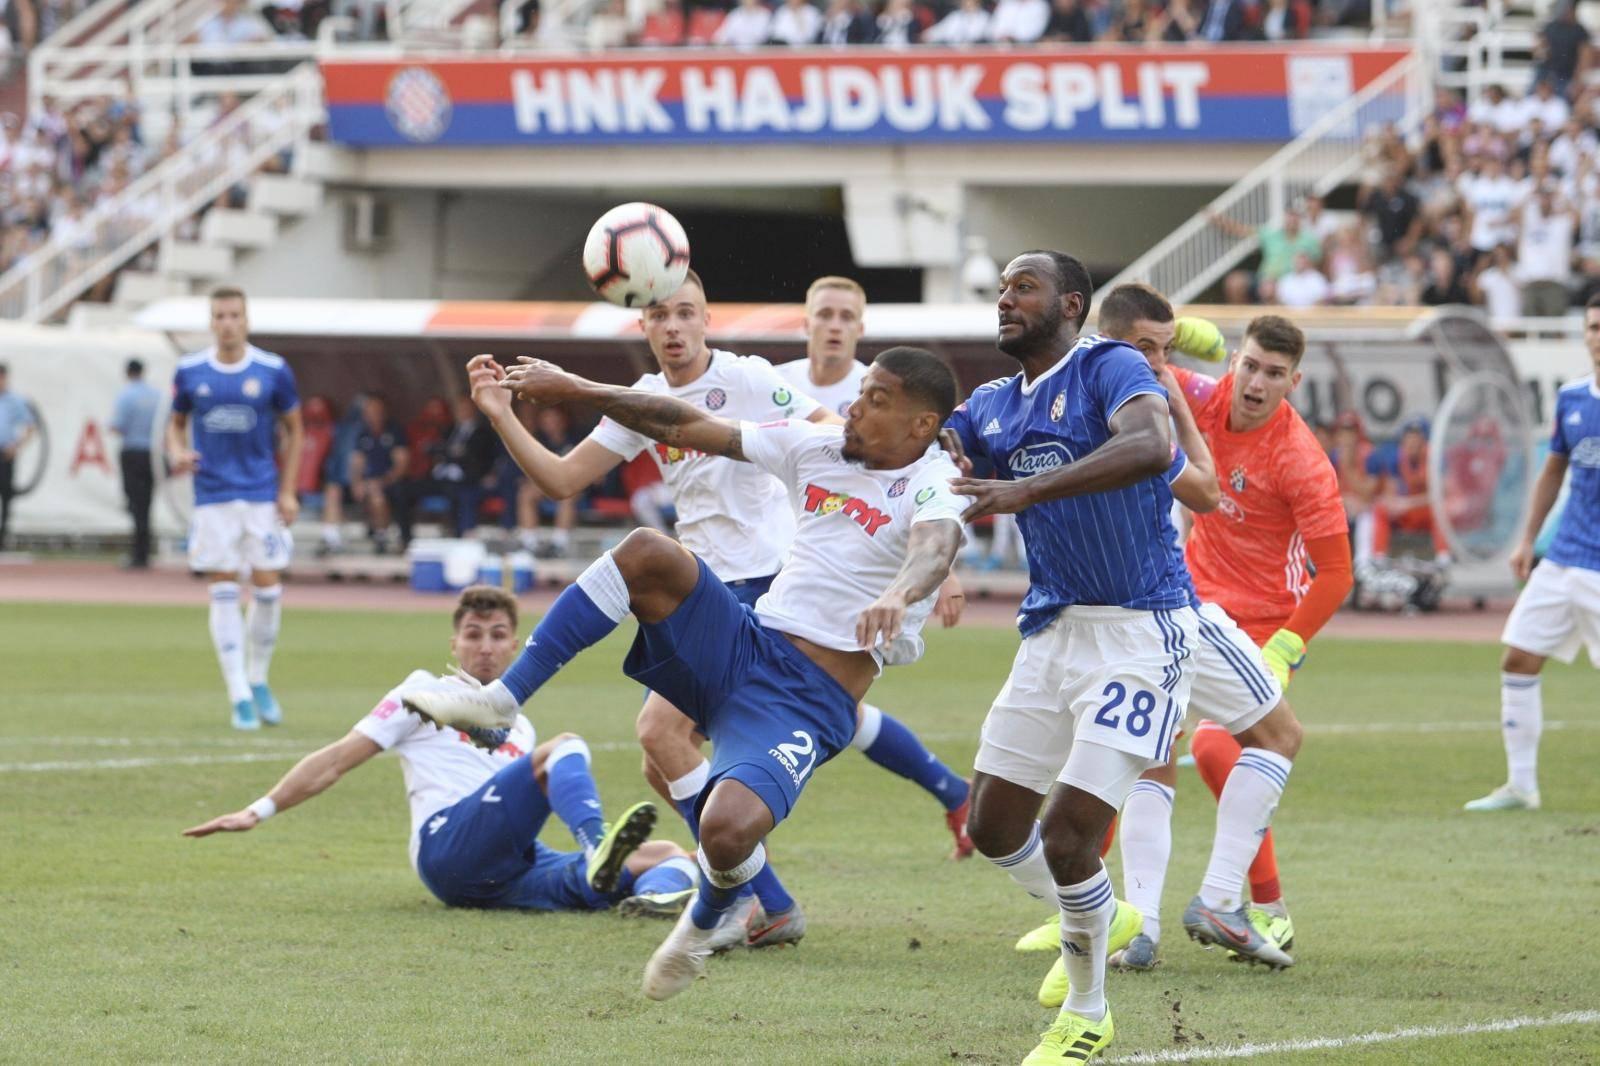 Split: HNK Hajduk i GNK Dinamo u okršaju 7. kola Prve HNL na Poljudu